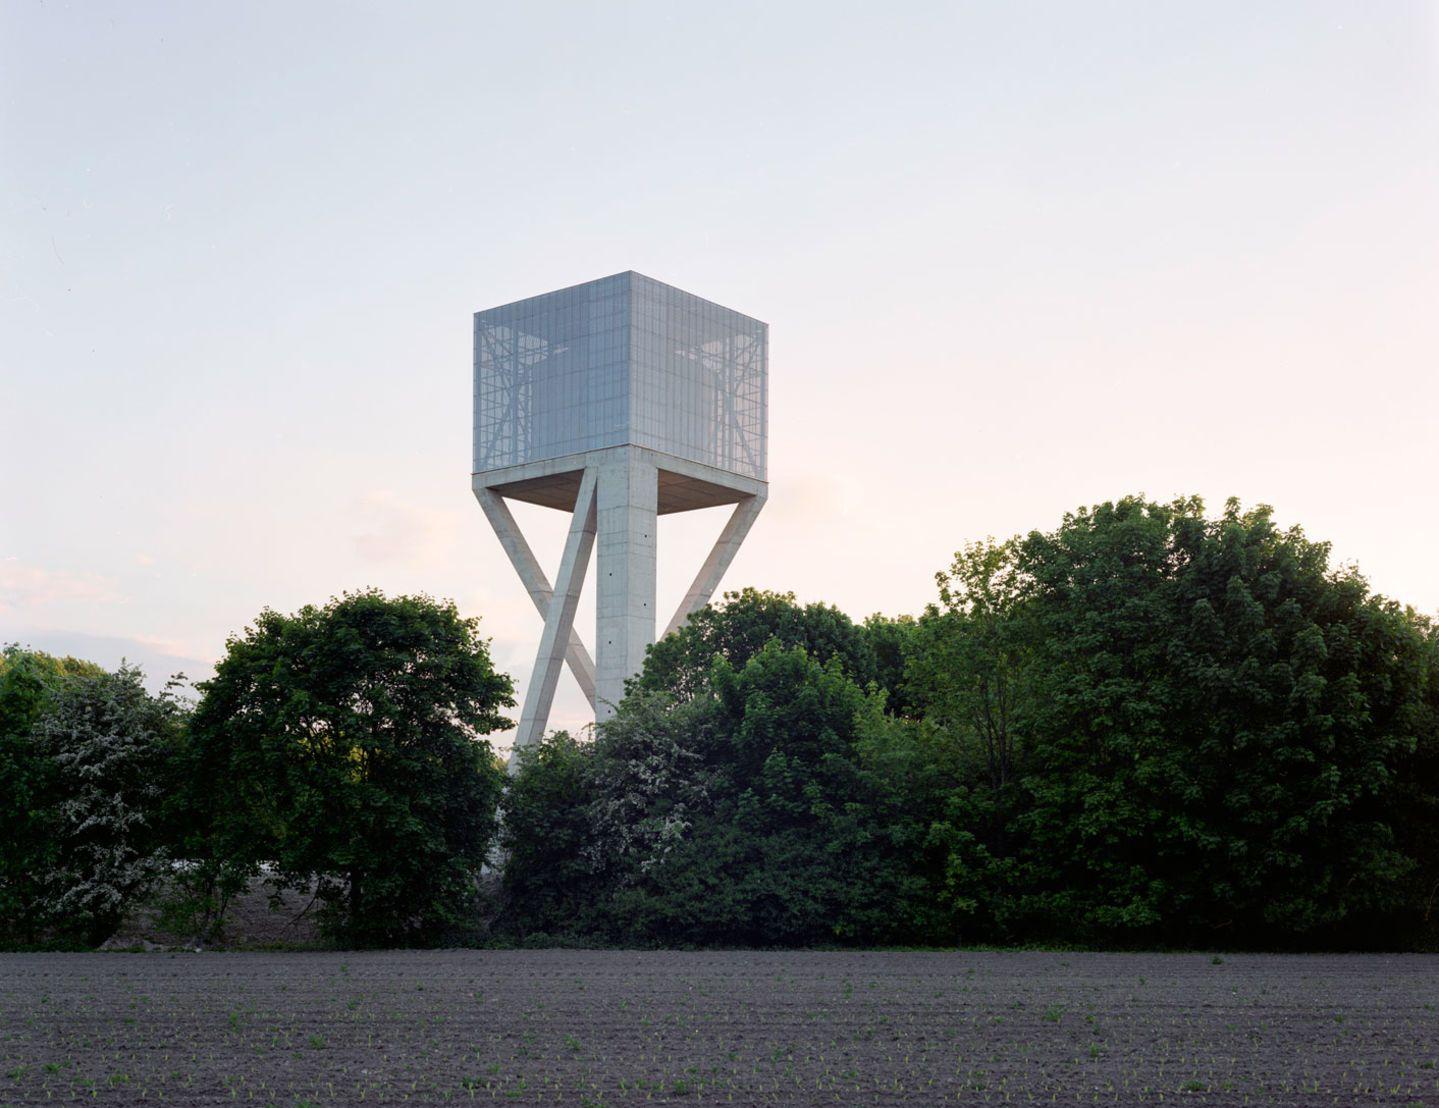 Bureau vers plus de bien être v maxime delvaux · water tower